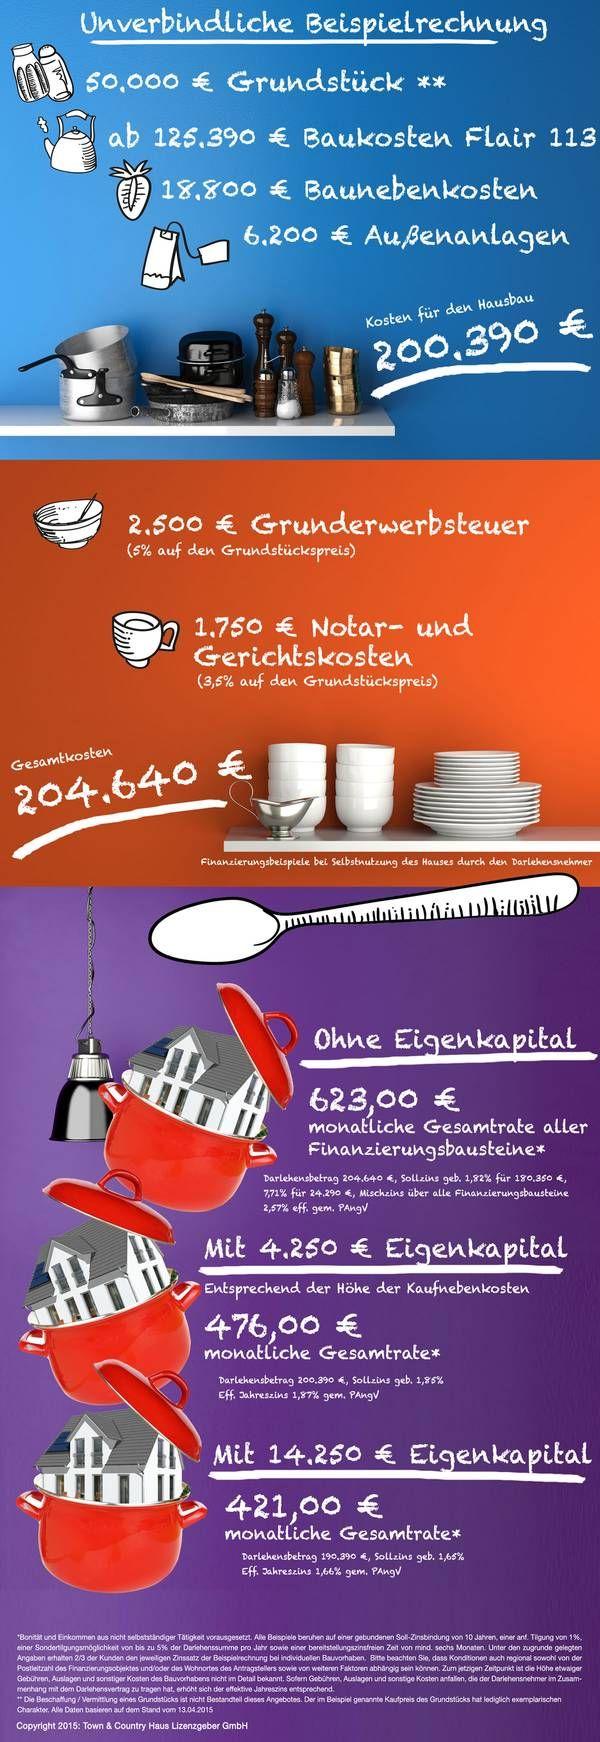 Für #Normalverdiener und junge Paare ist es nicht leicht eine große Summe anzusparen, um diese als #Eigenkapital in die #Finanzierung eines #Hausbaus einzubringen... Hier weiterlesen: http://www.hausausstellung.de/finanzierung-ohne-eigenkapital.html